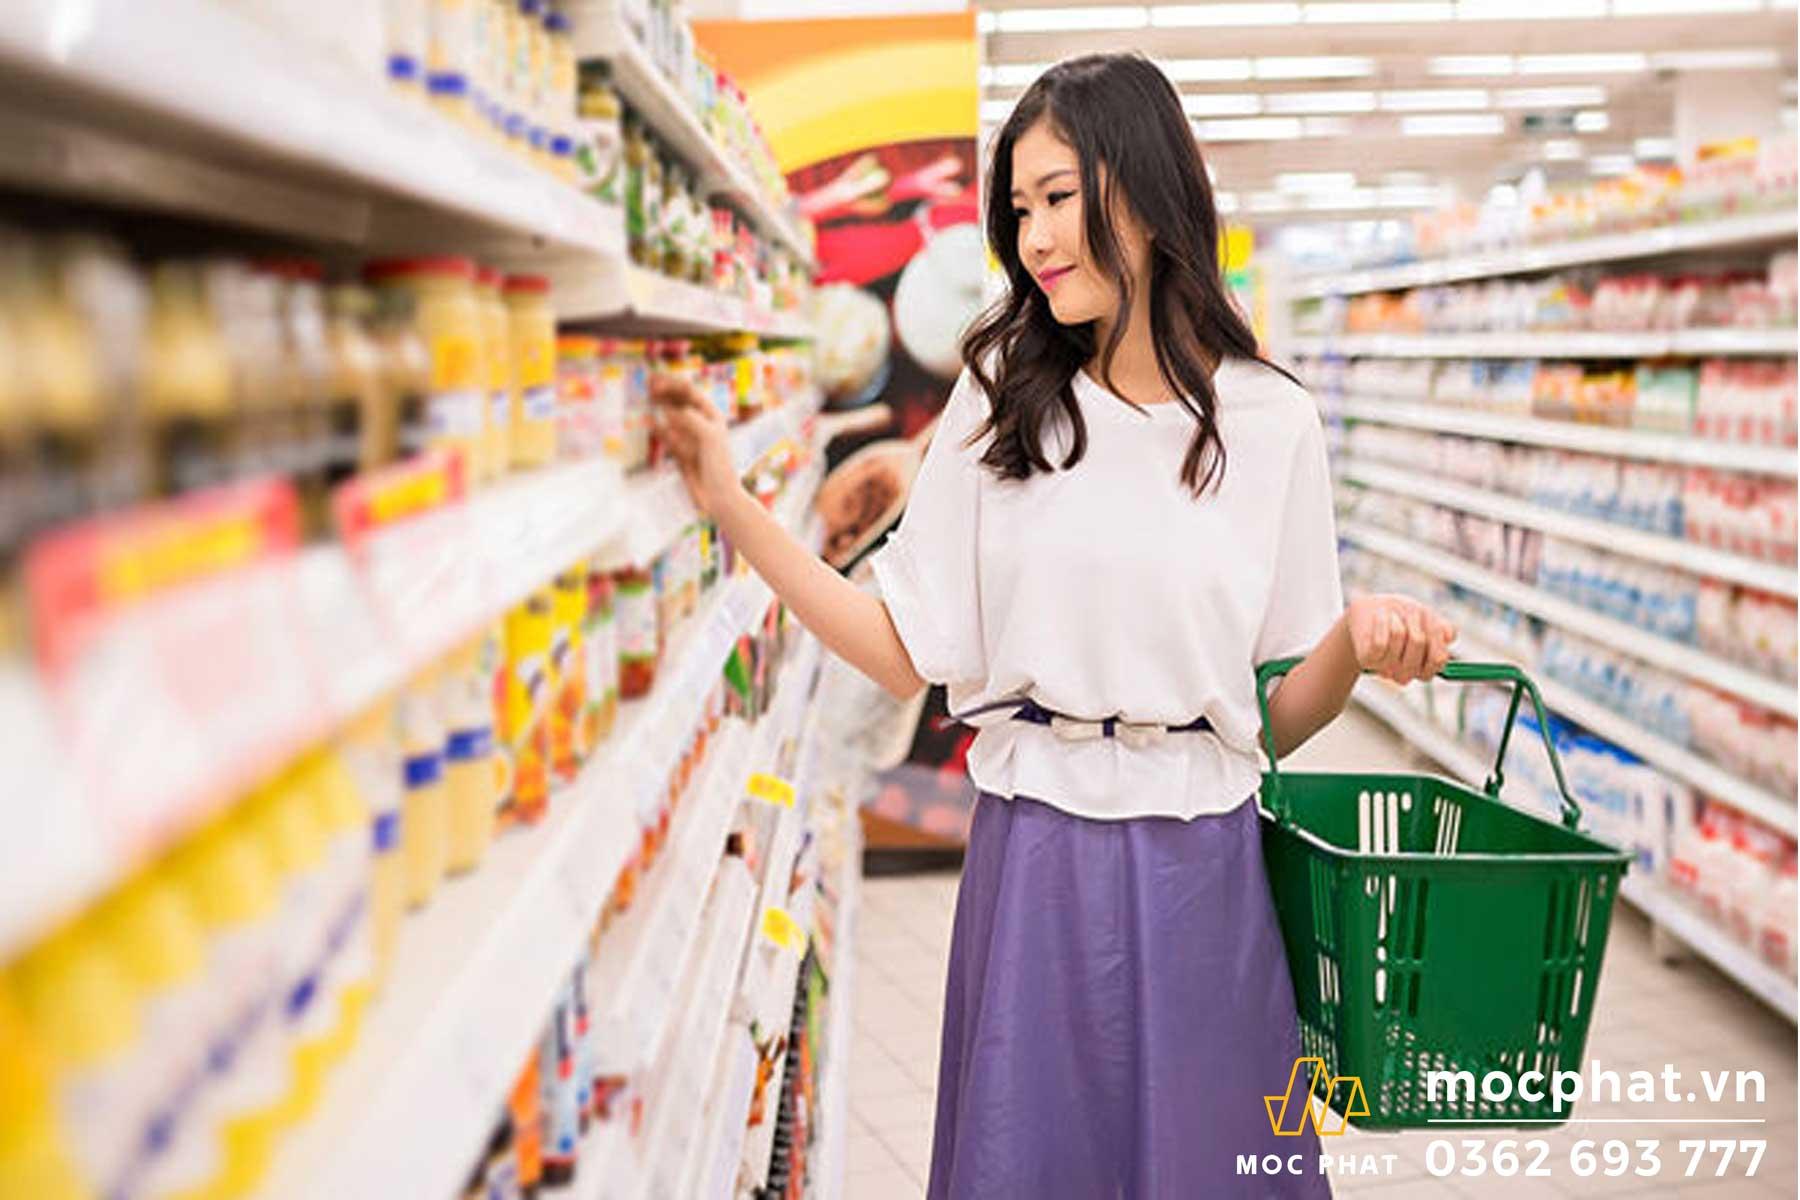 Giấy chứng nhận chất lượng sản phẩm giúp người tiêu dùng yên tâm mua sắm